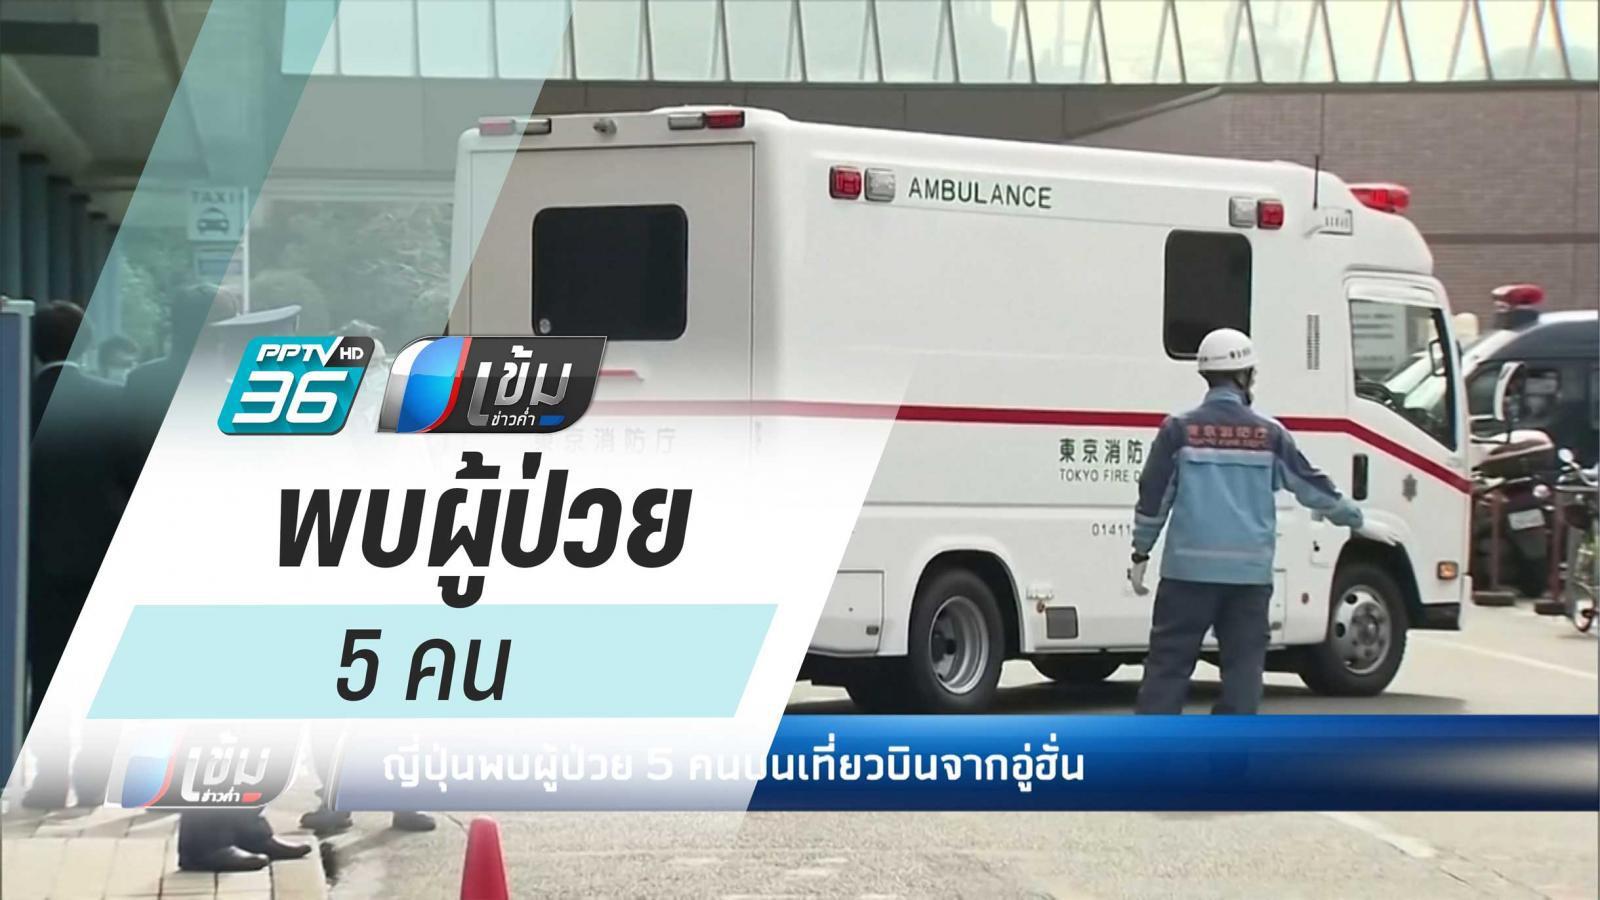 ญี่ปุ่นพบผู้ป่วย 5 คนบนเที่ยวบินจากอู่ฮั่น